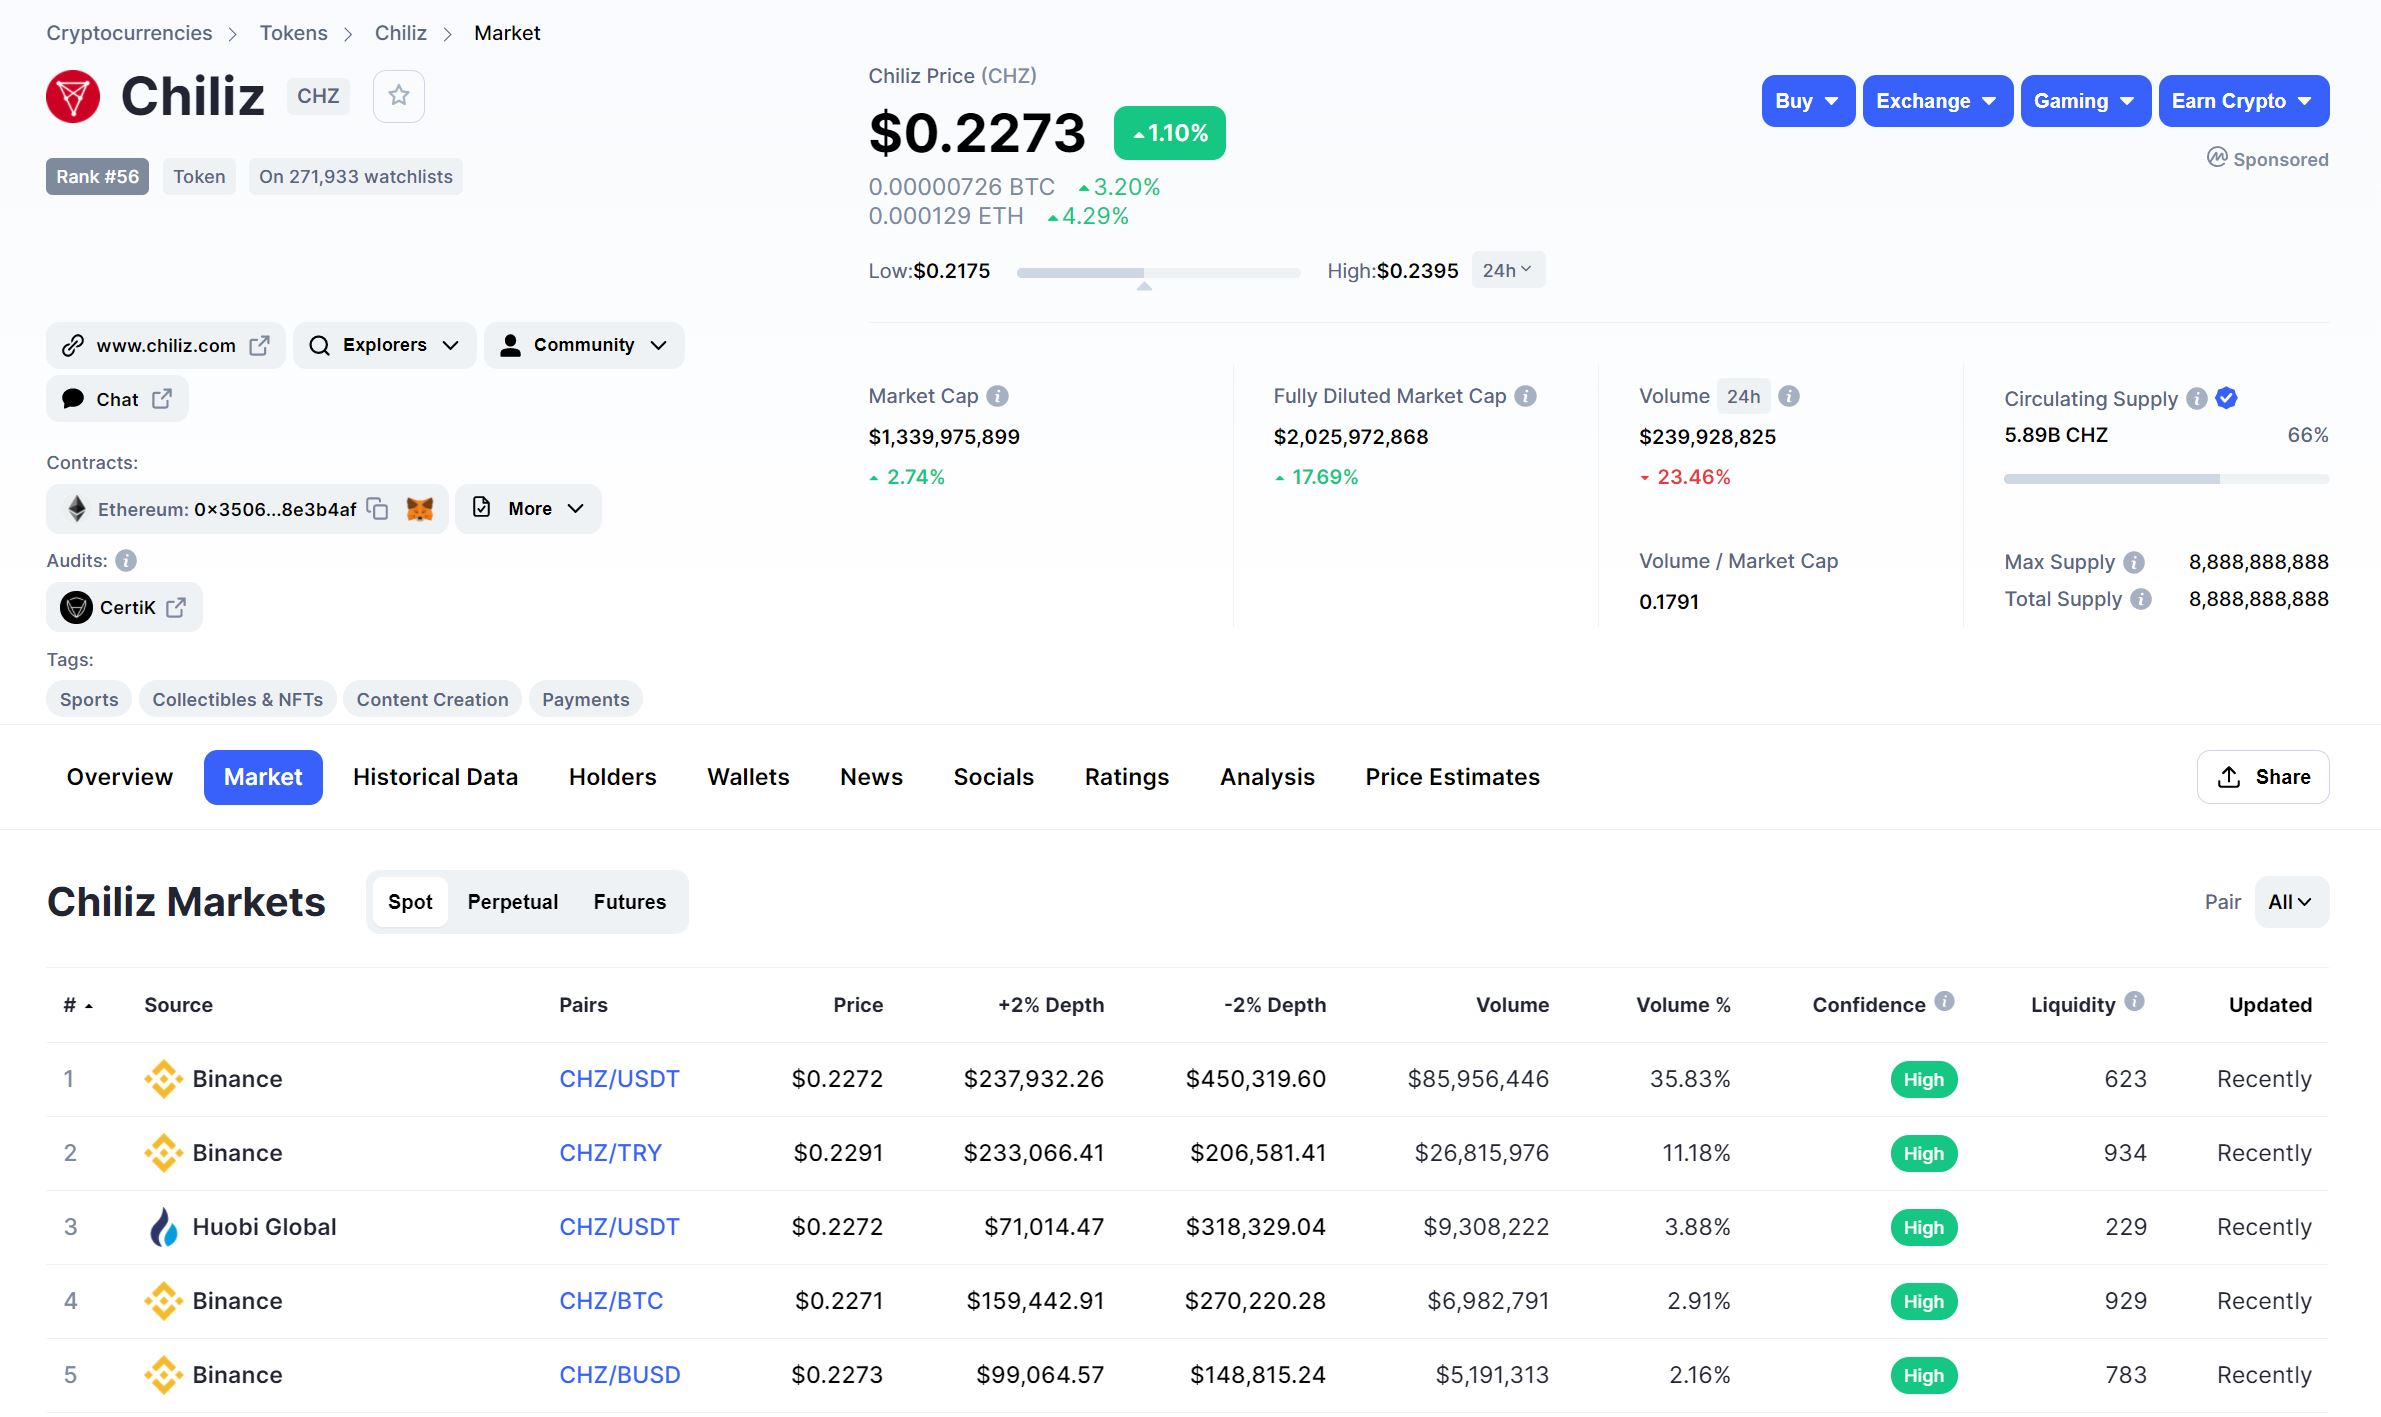 Chiliz Markets Overview CoinMarketCap